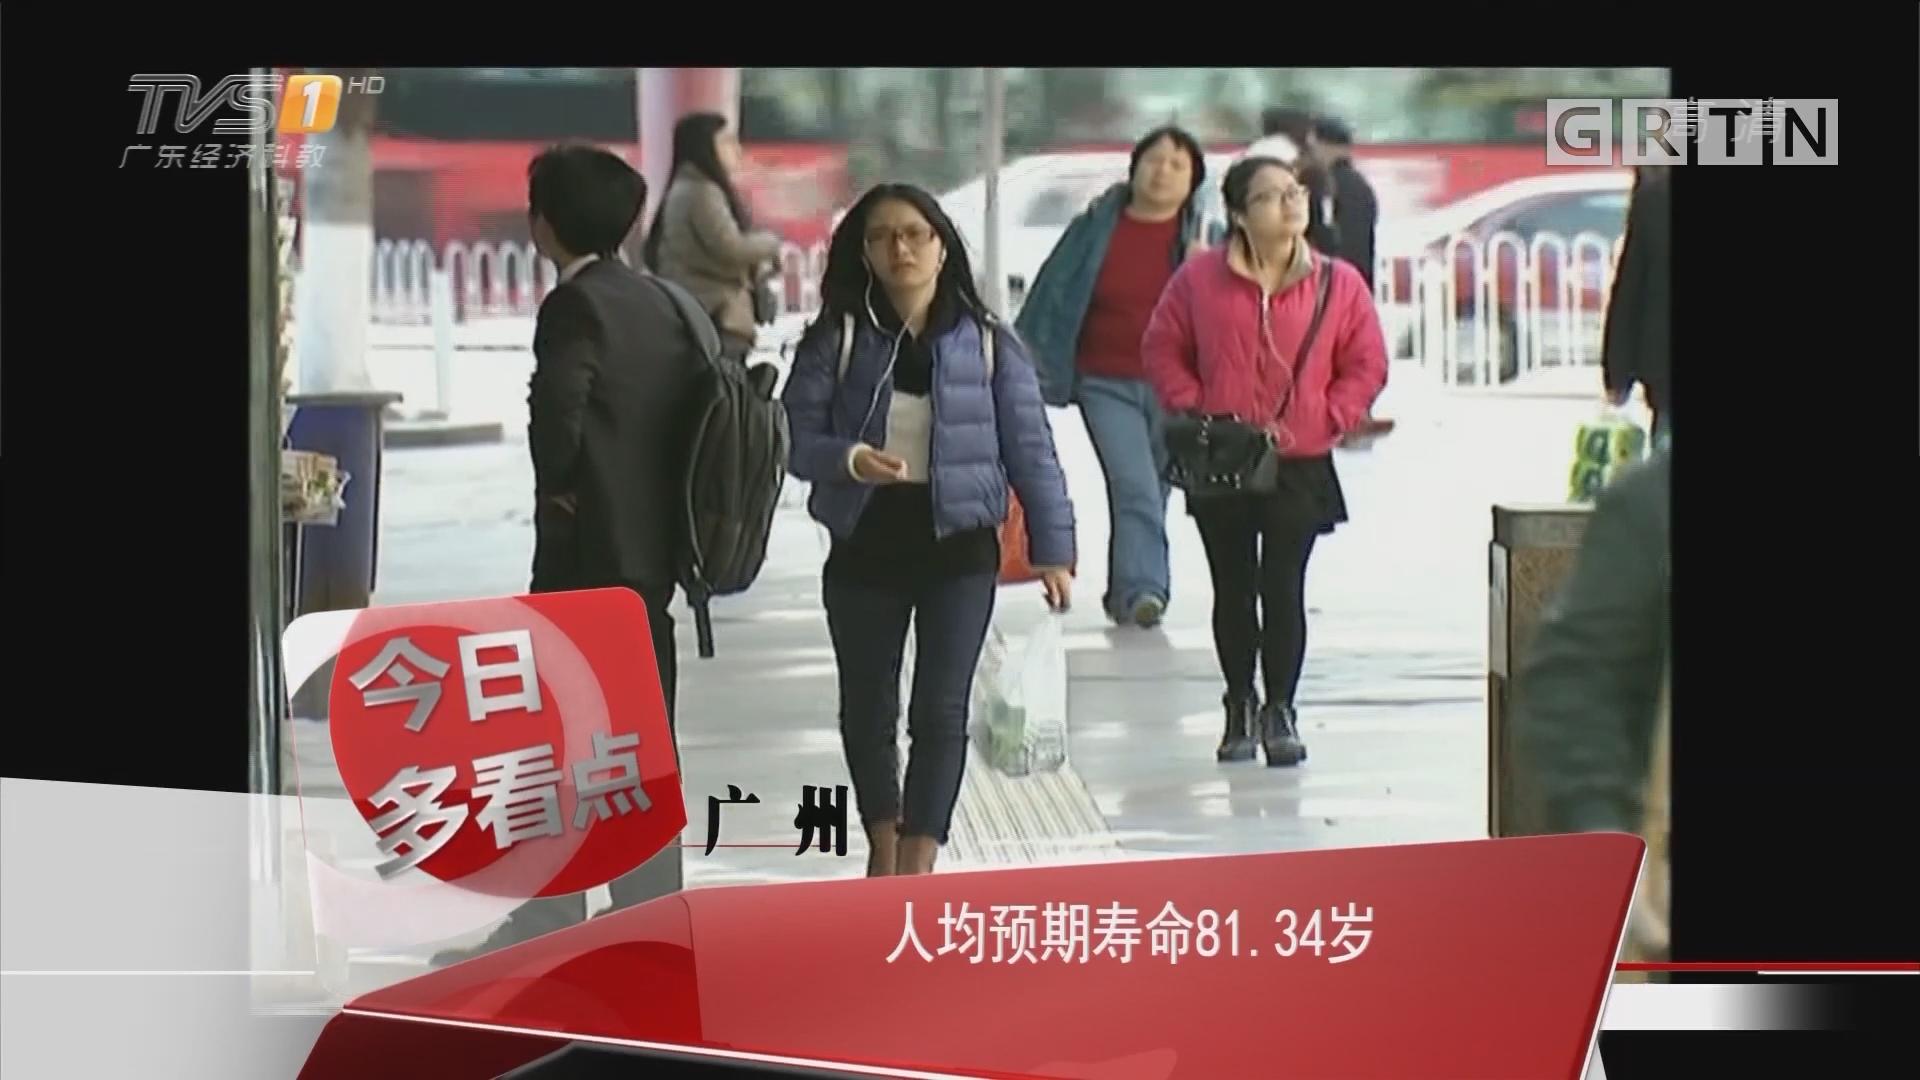 广州:人均预期寿命81.34岁